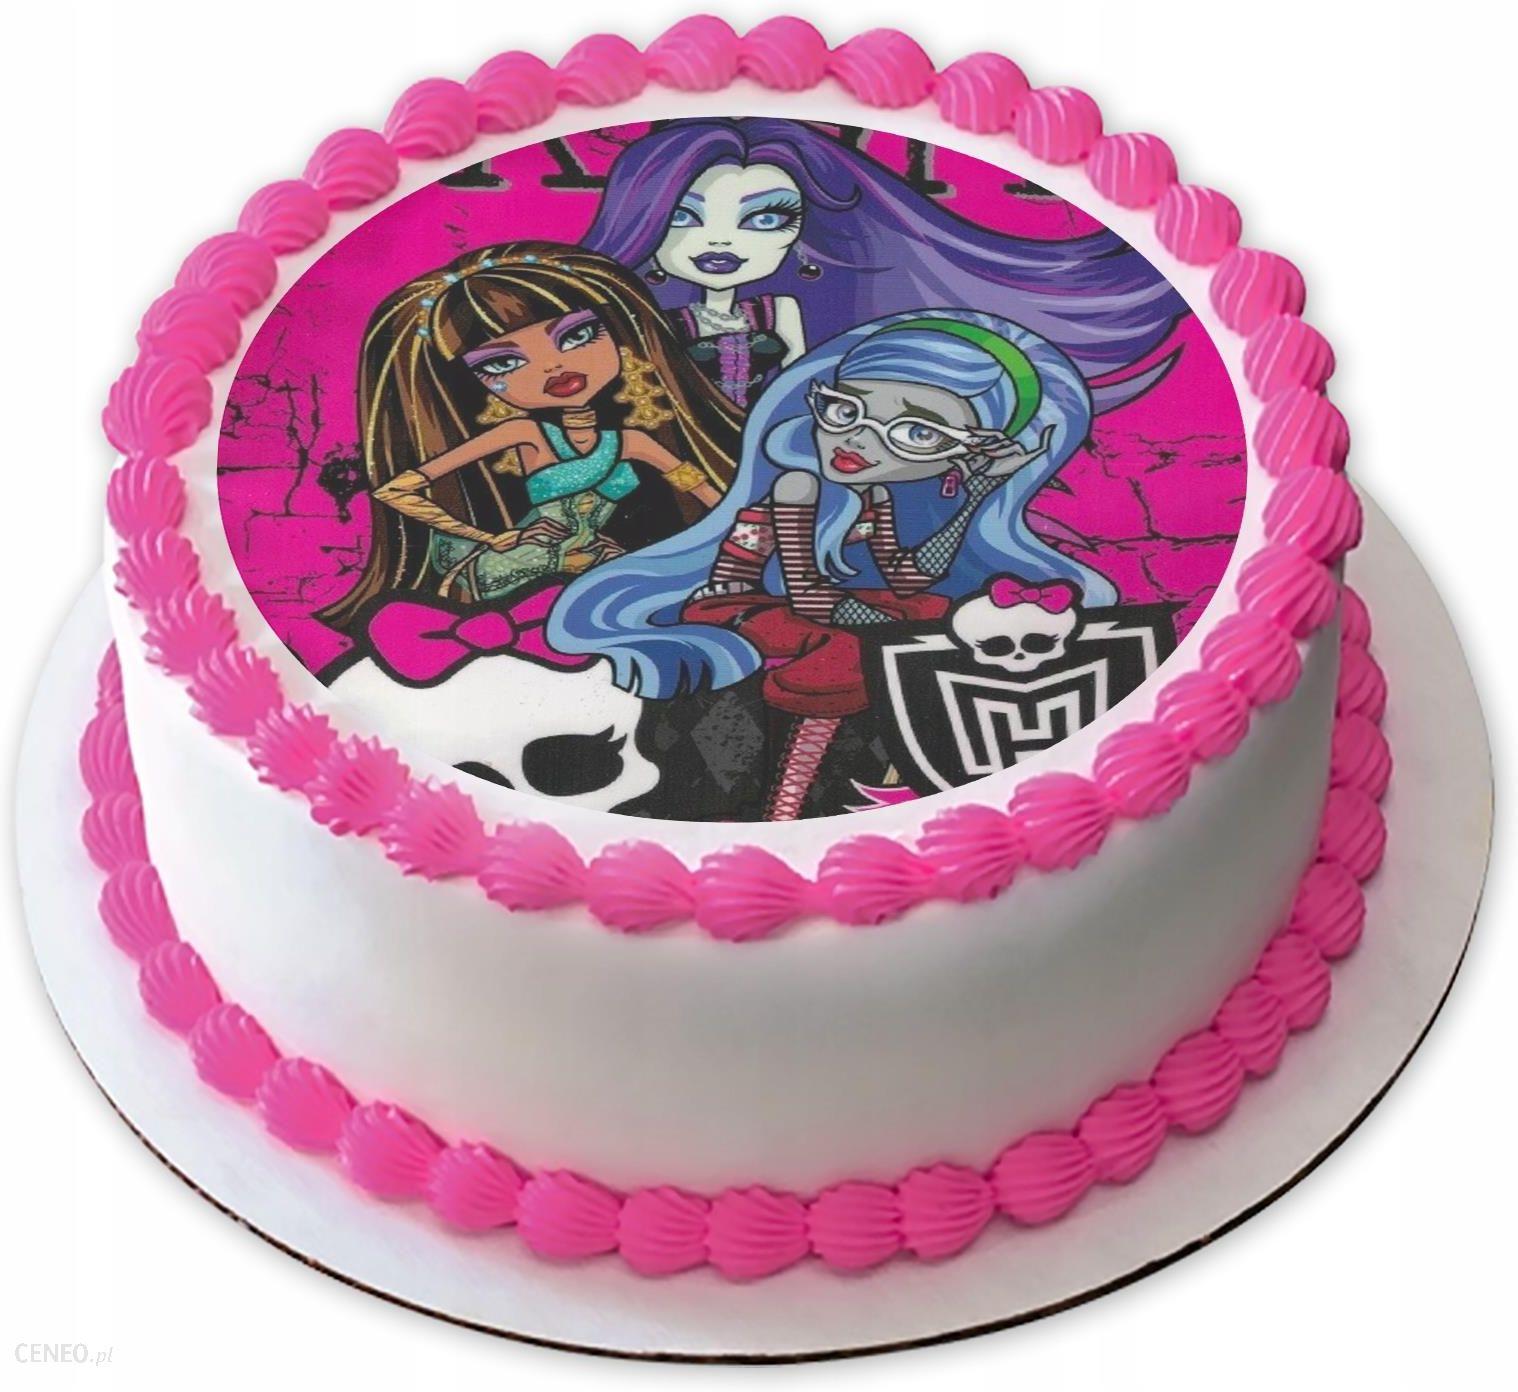 Monster High Dekoracja Oplatek Na Tort 20cm Ceny I Opinie Ceneo Pl